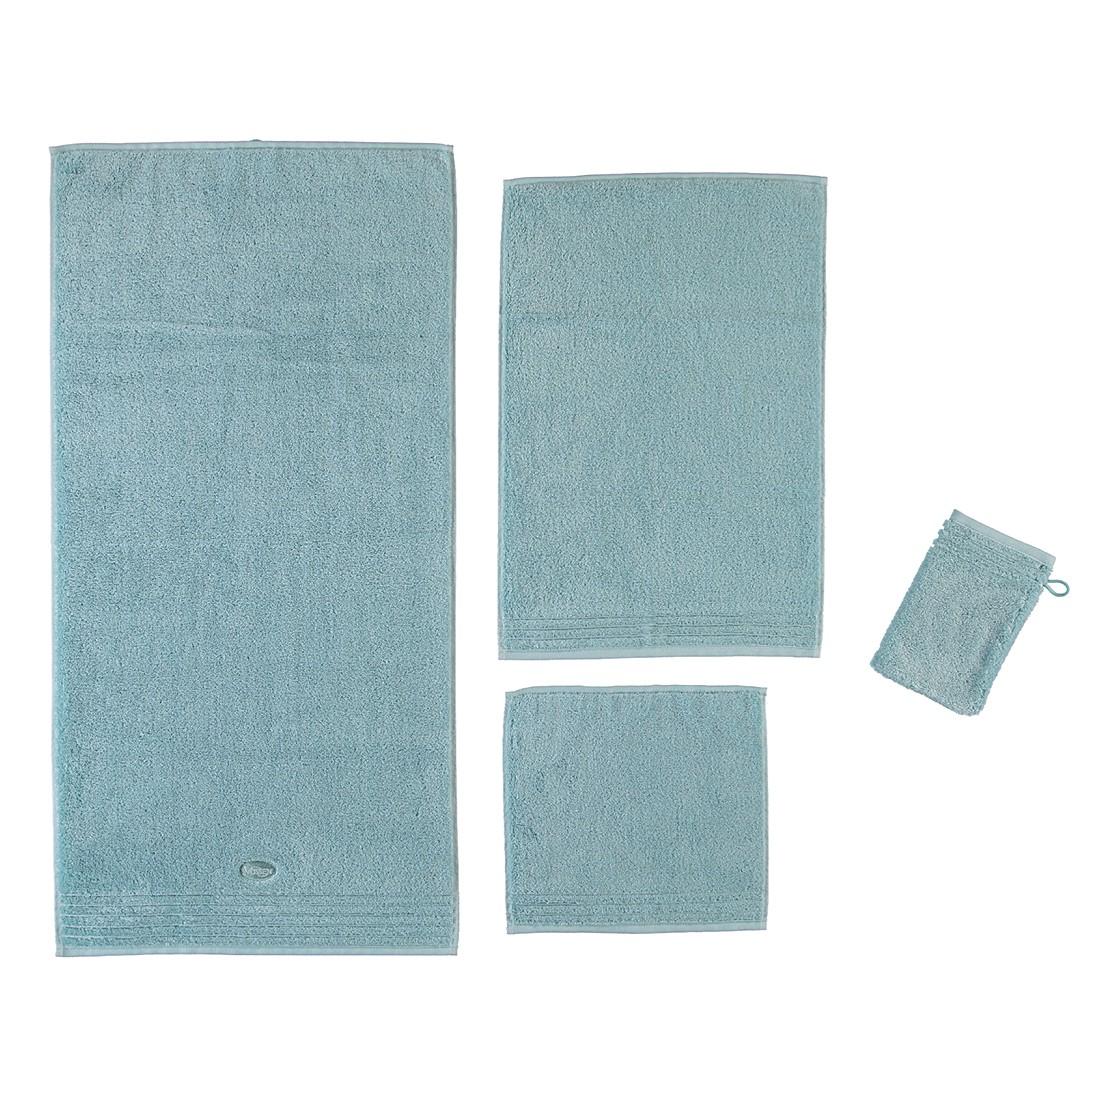 Handtücher Dreams – Baumwolle – Kristallgrün – Handtuch 60×110 cm, Vossen günstig